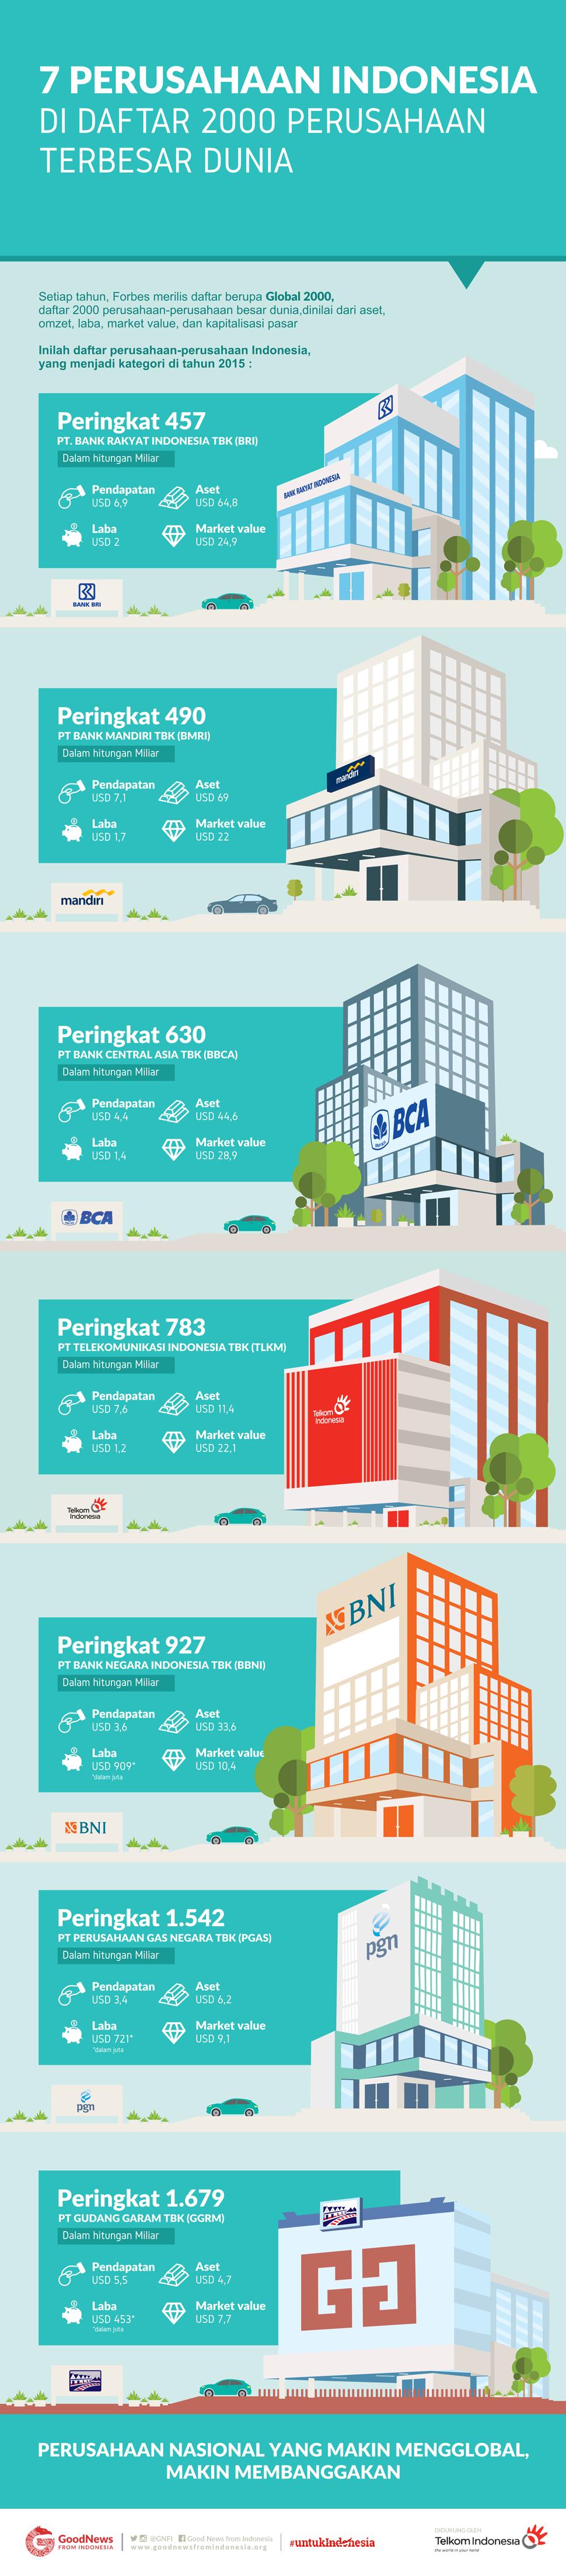 7 Perusahaan Indonesia di Daftar 2000 Perusahaan Terbesar Dunia